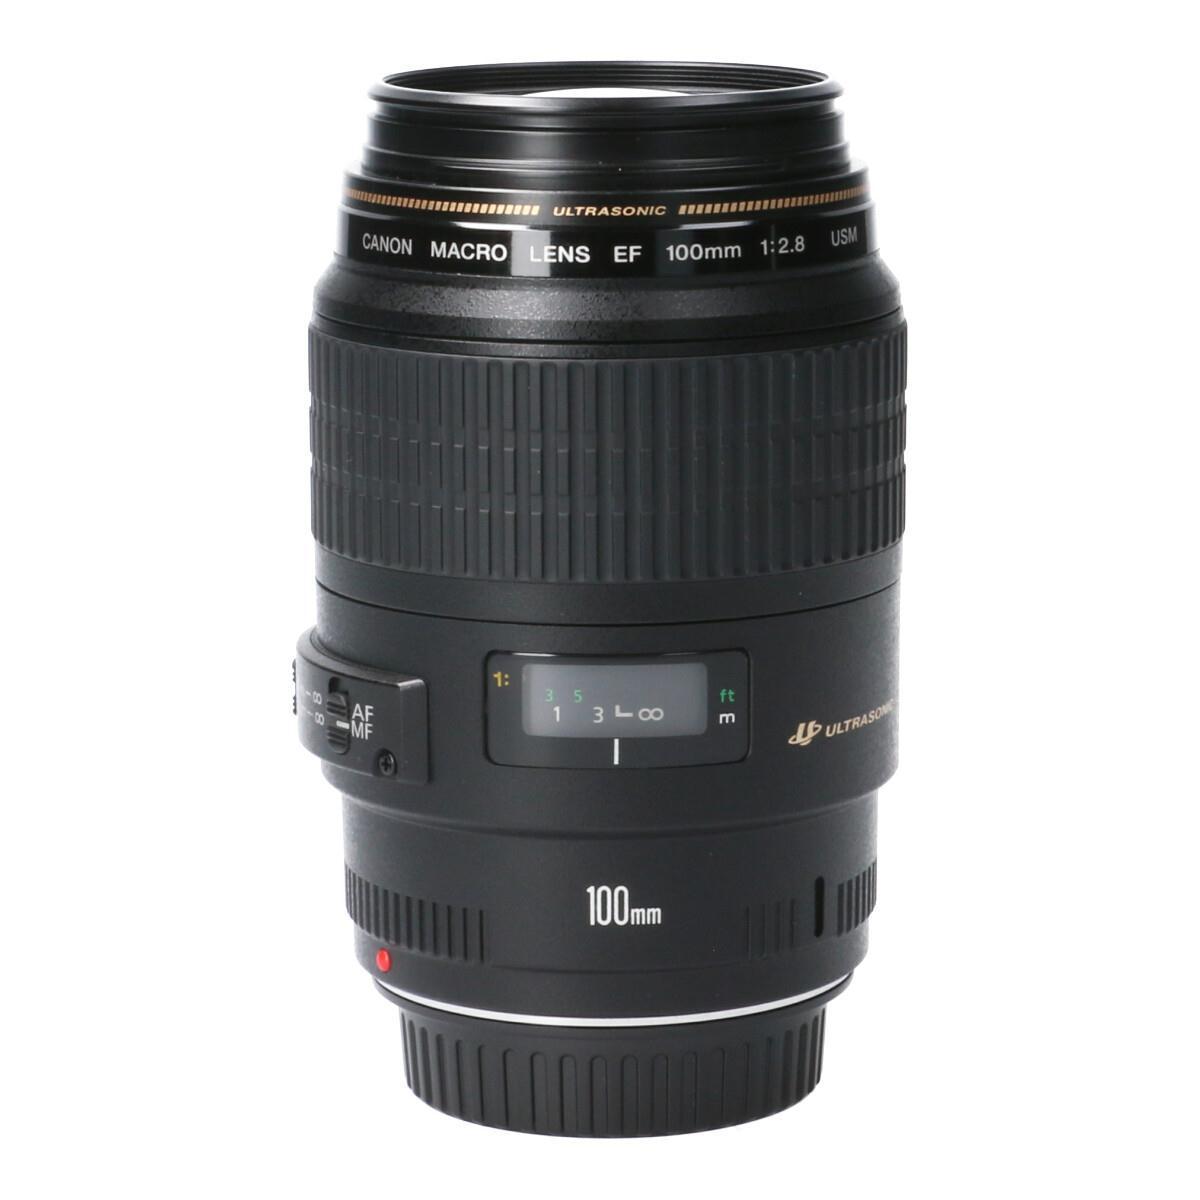 カメラ・ビデオカメラ・光学機器, カメラ用交換レンズ CANON EF100mm F28USM MACRO